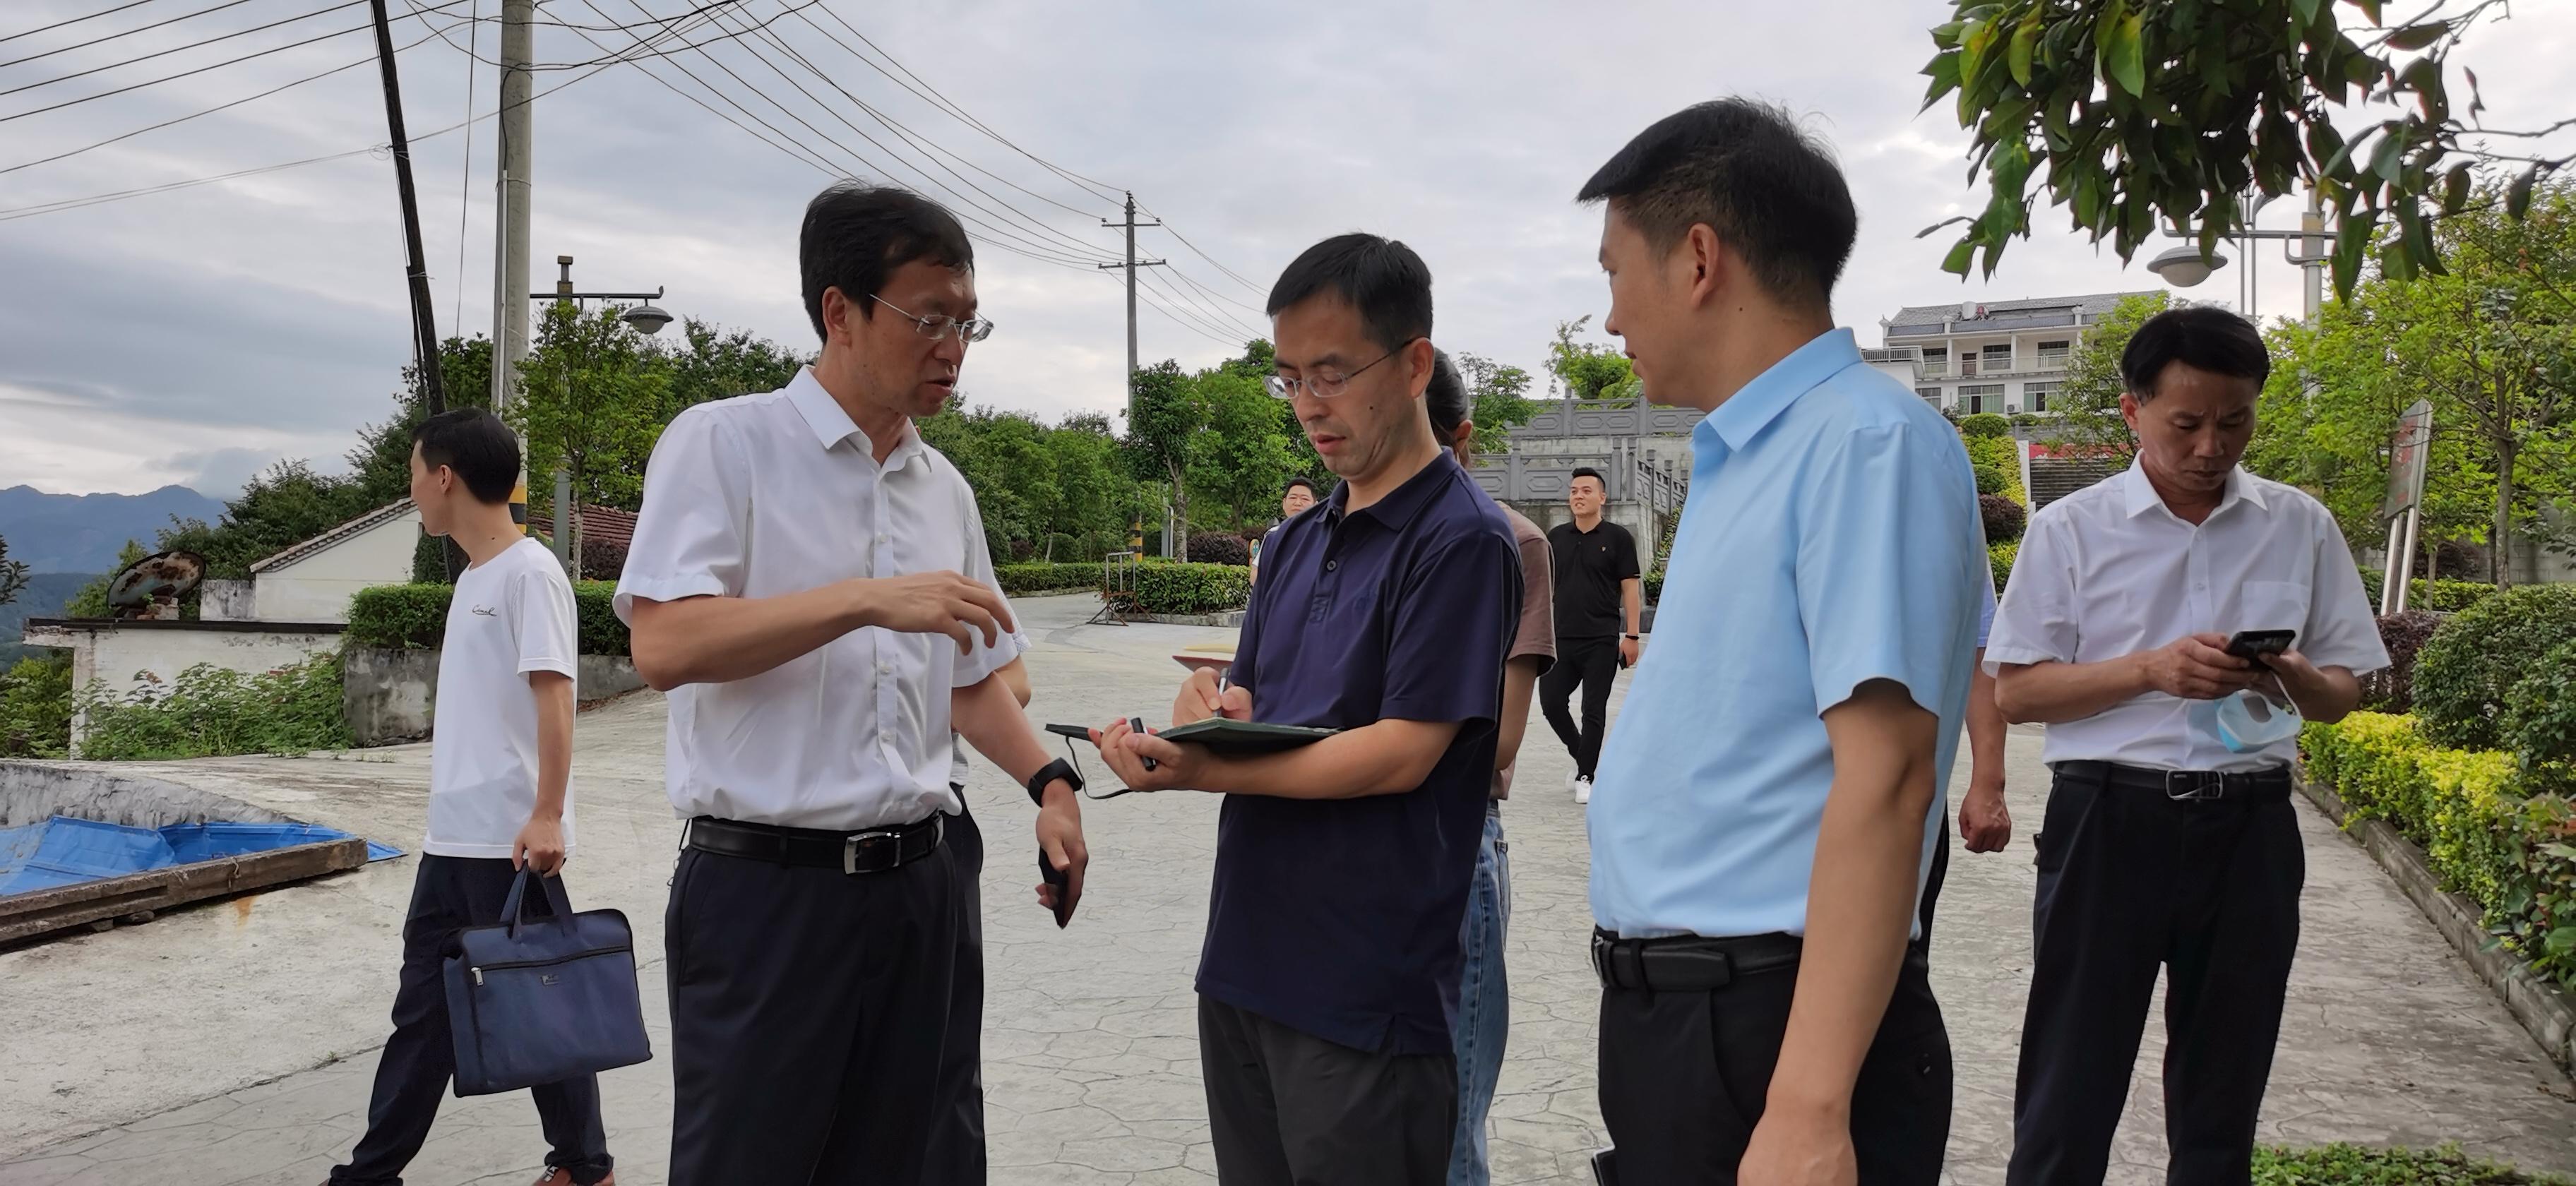 新華社陜西分社到漢濱區調研采訪